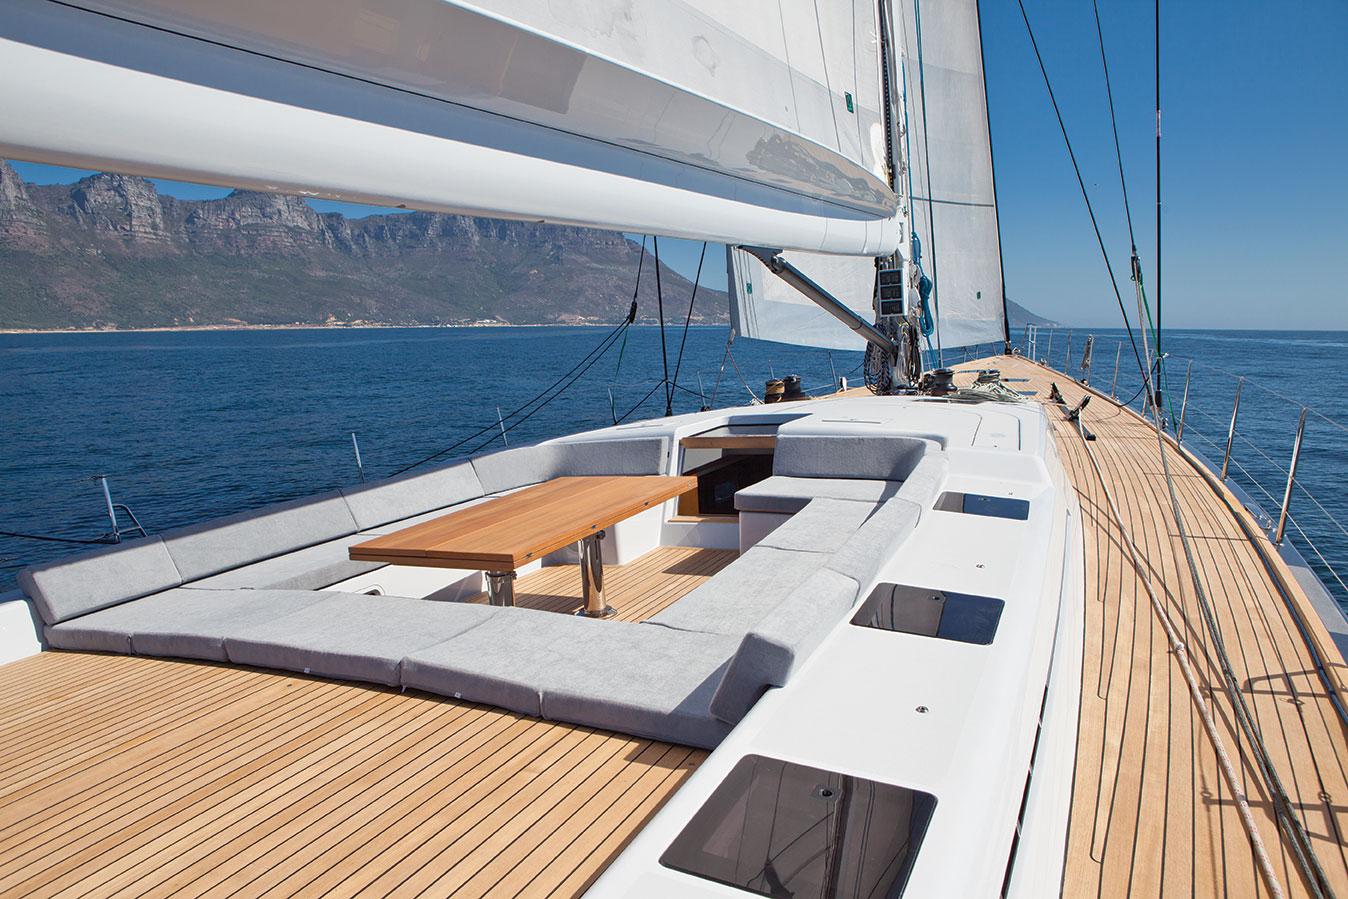 SWS-Windfall-Valletta-on-board-134